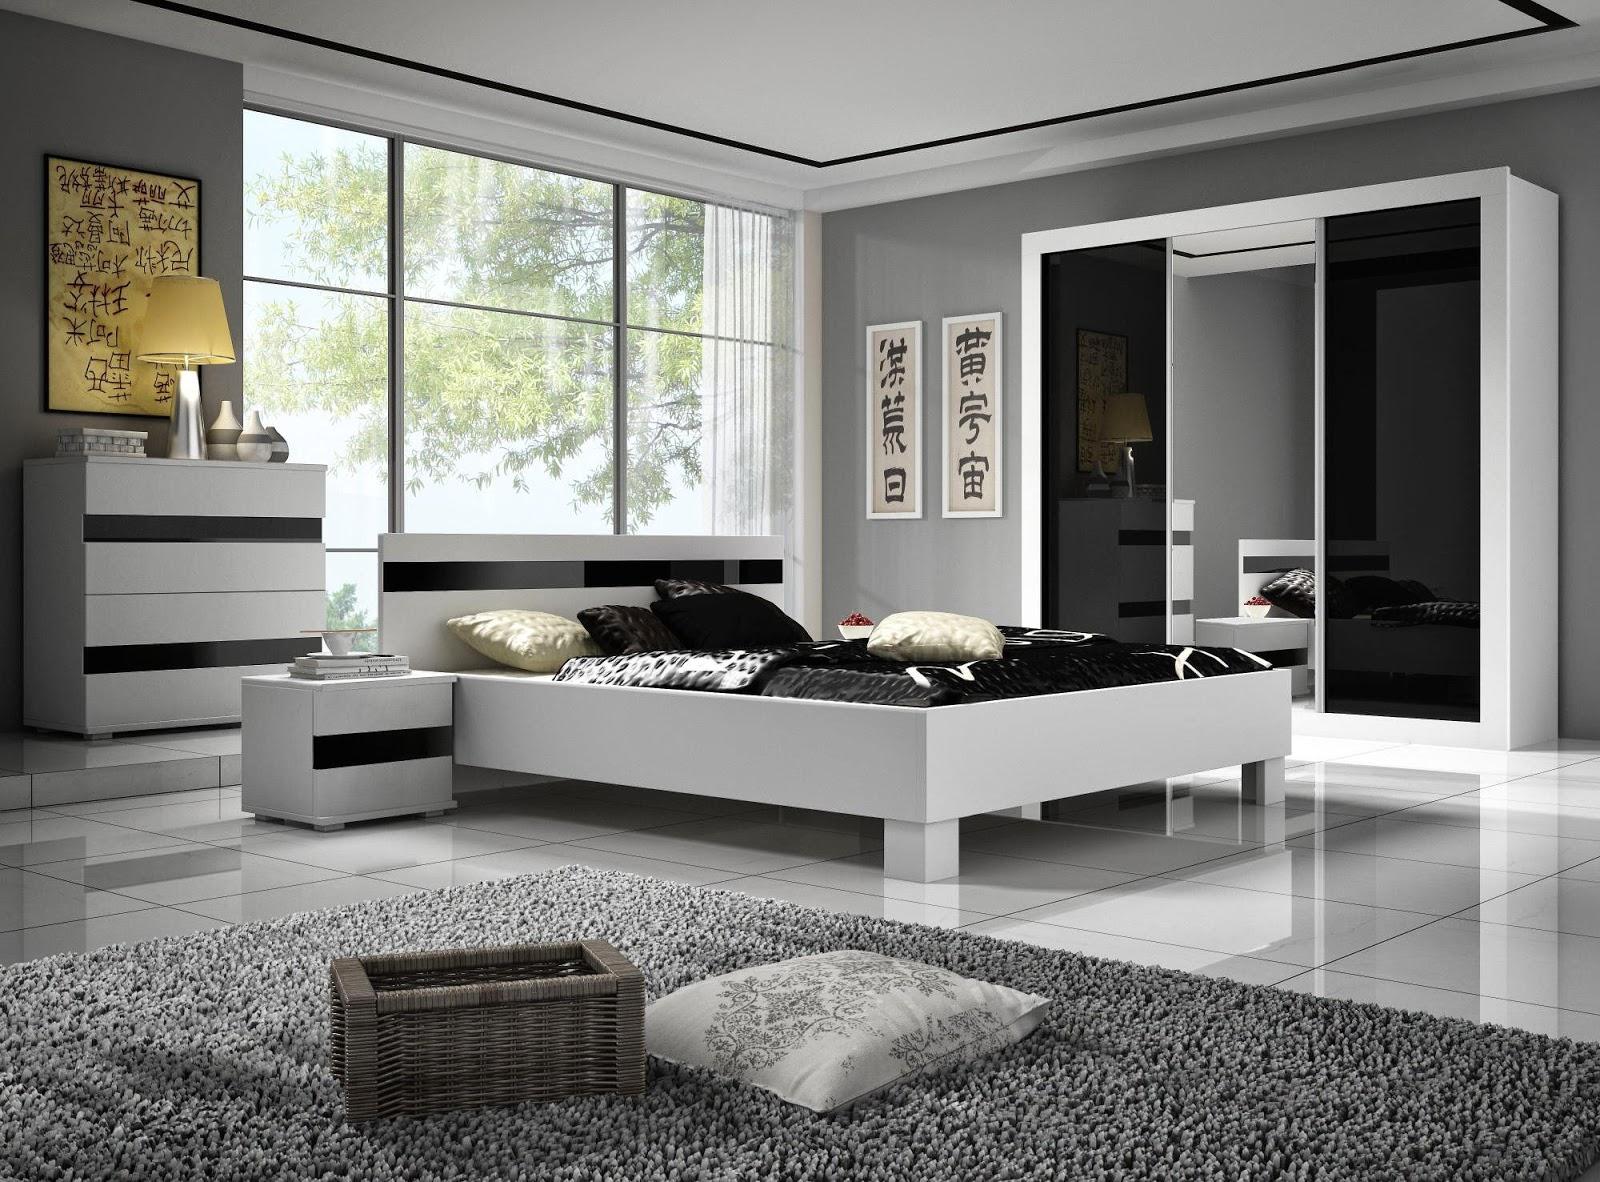 تصميمات غرف نوم مميزة من اللونين الرمادي والأسود 2020